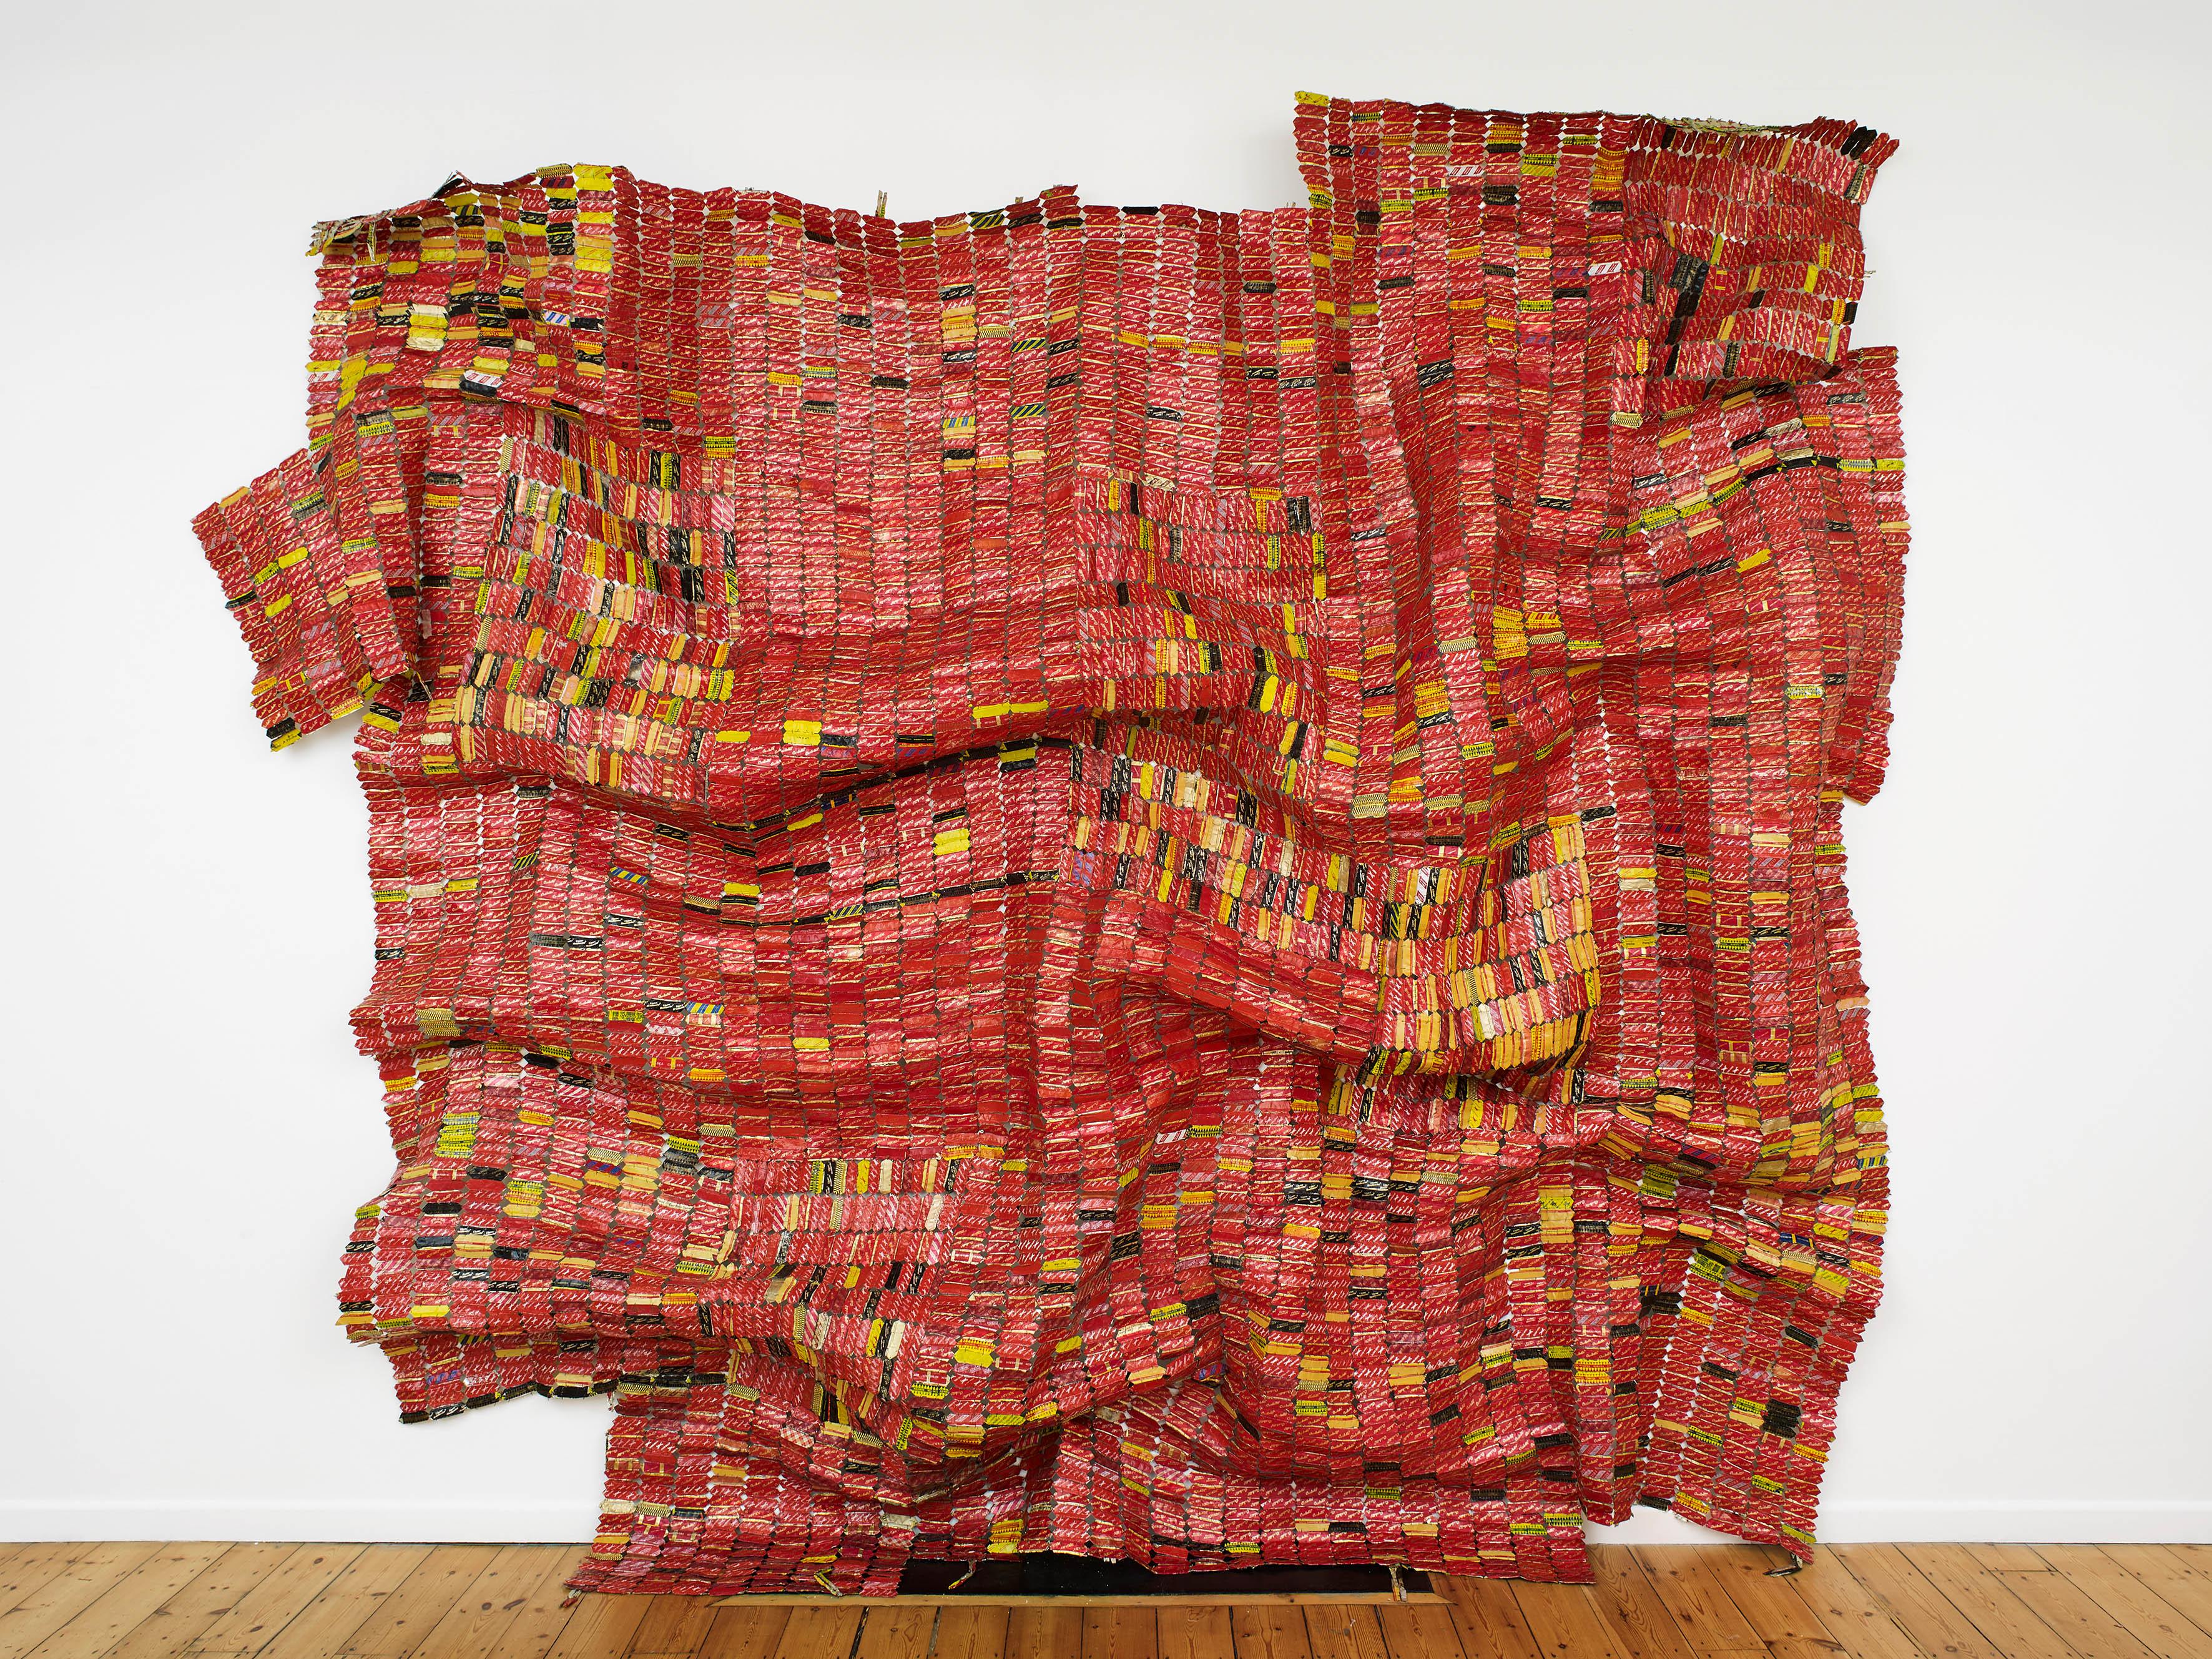 El Anatsui: AG + BA, 2014, Aluminium, Kupferdraht und Nylonschnur, Maße variabel, Courtesy: Der Künstler und October Galerie, London, Foto: Andy Keate